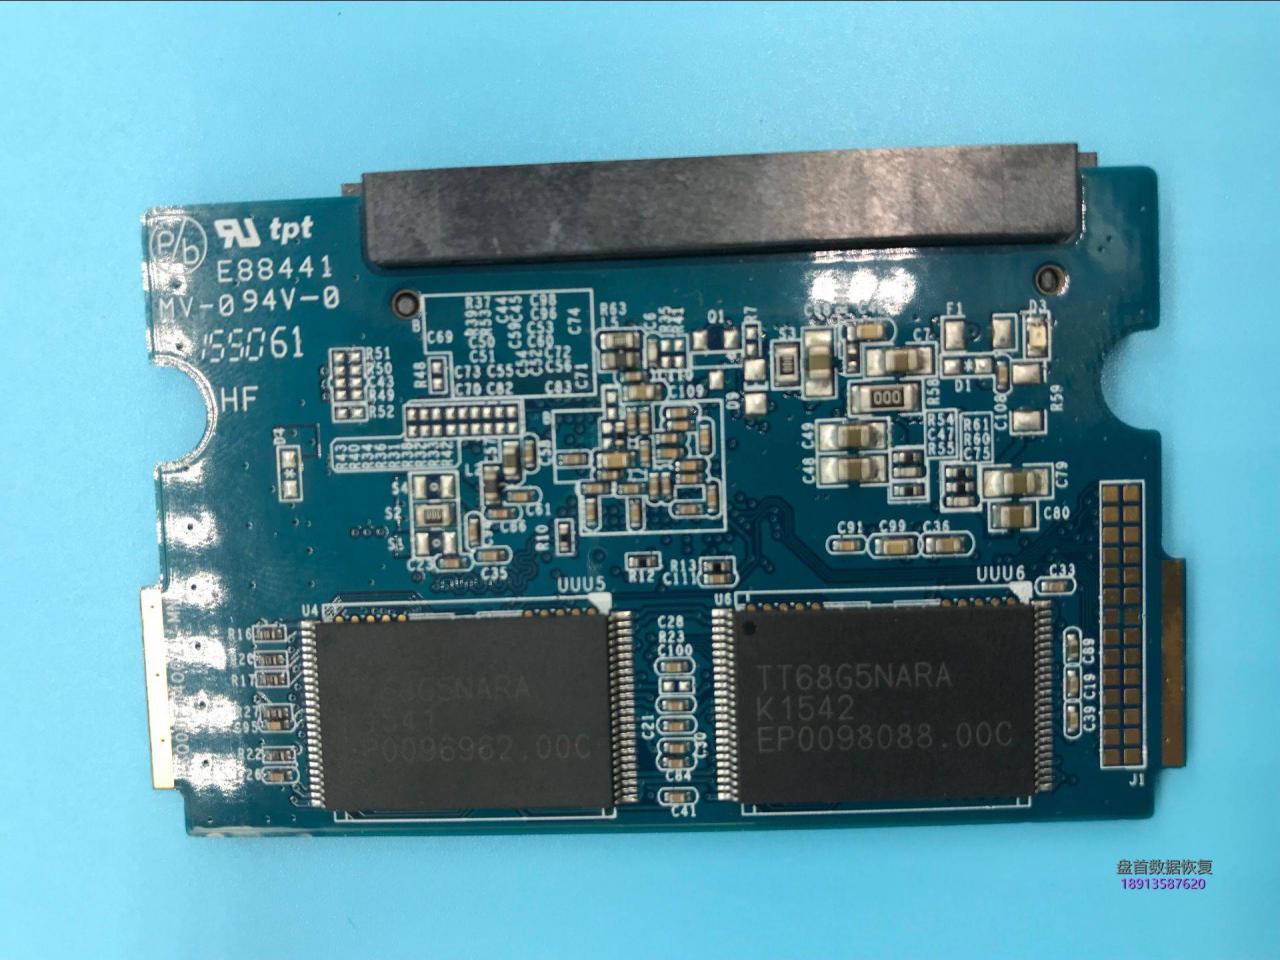 影驰120G固态硬盘PS3109S9主控电脑开机卡LOGO掉盘无法读盘无法识别不读盘